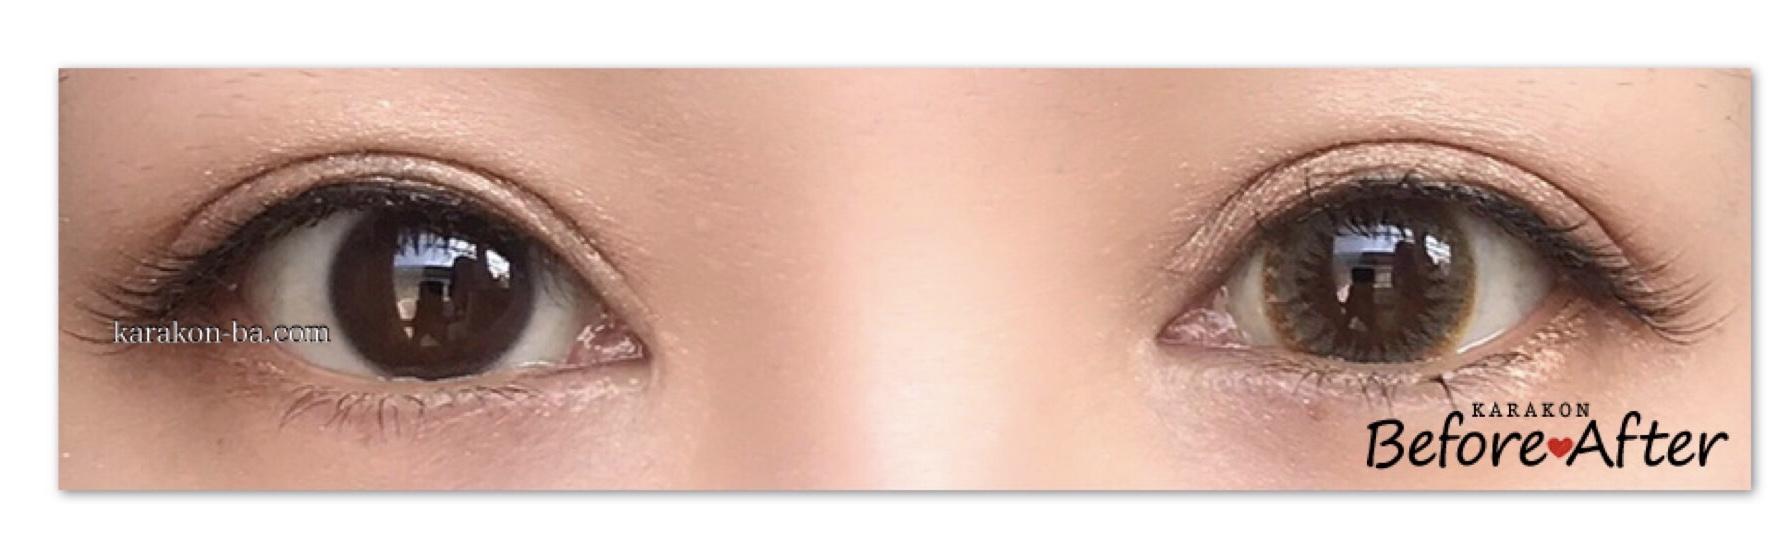 SUGAR FEEL(シュガーフィール)スウィーティーヘーゼルのカラコン装着画像/両目で比較レポ